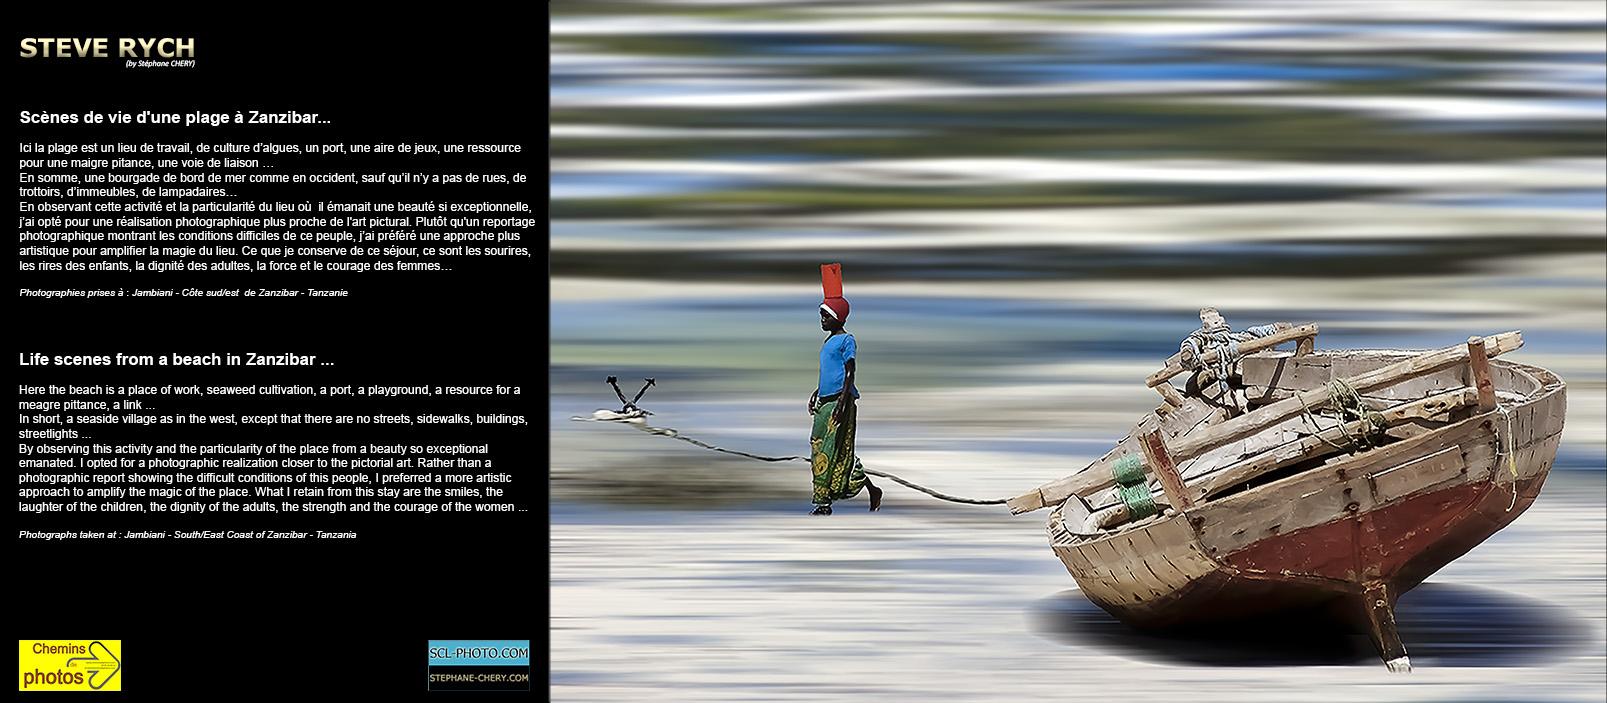 Zanzibar - Steve Rich au Lac du Camping des Brugues et Pharmacie, Fanjeaux